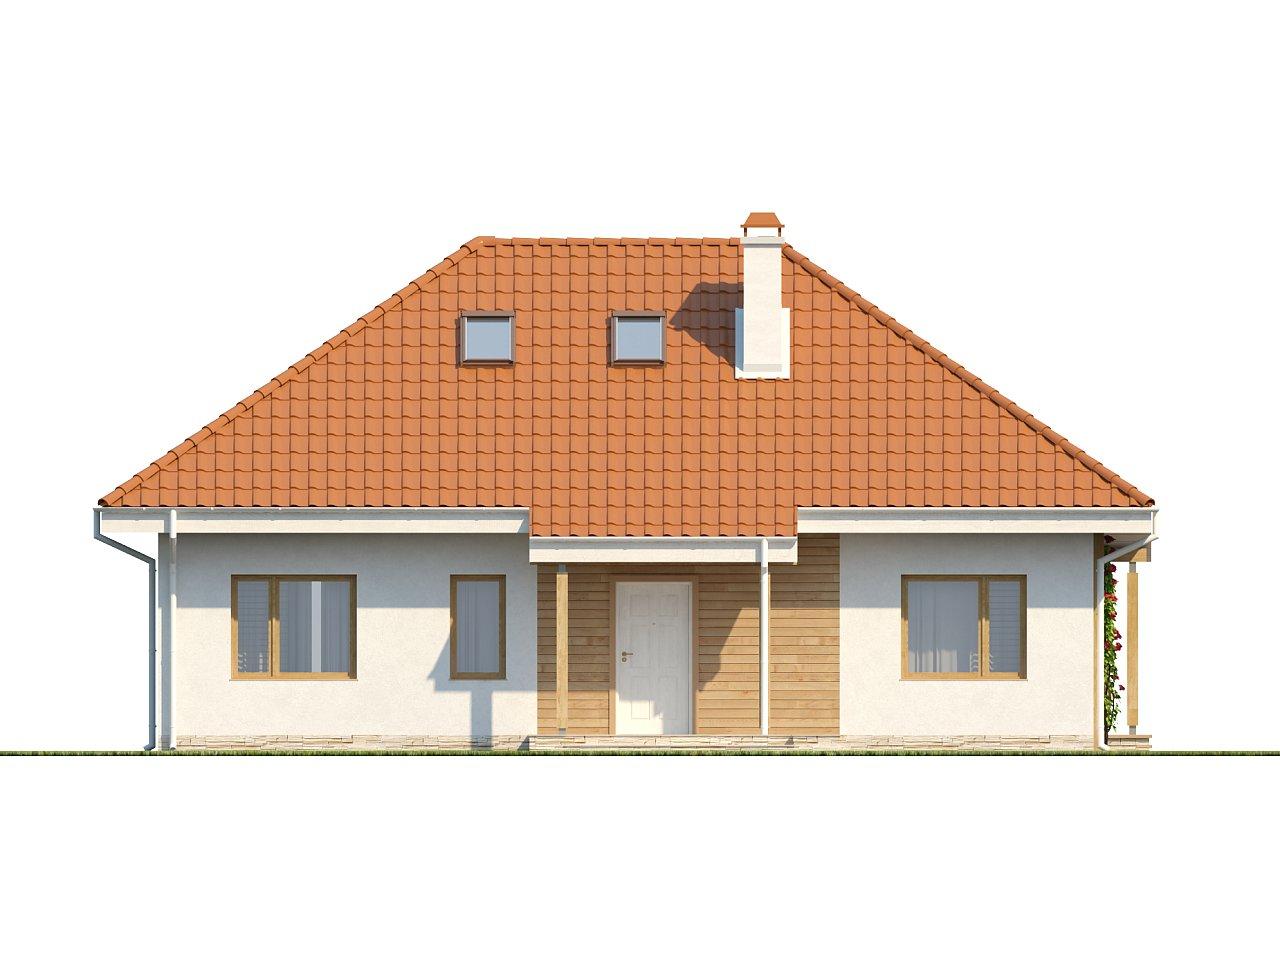 Одноэтажный дом в традиционном стиле с возможностью обустройства чердачного помещения. - фото 3